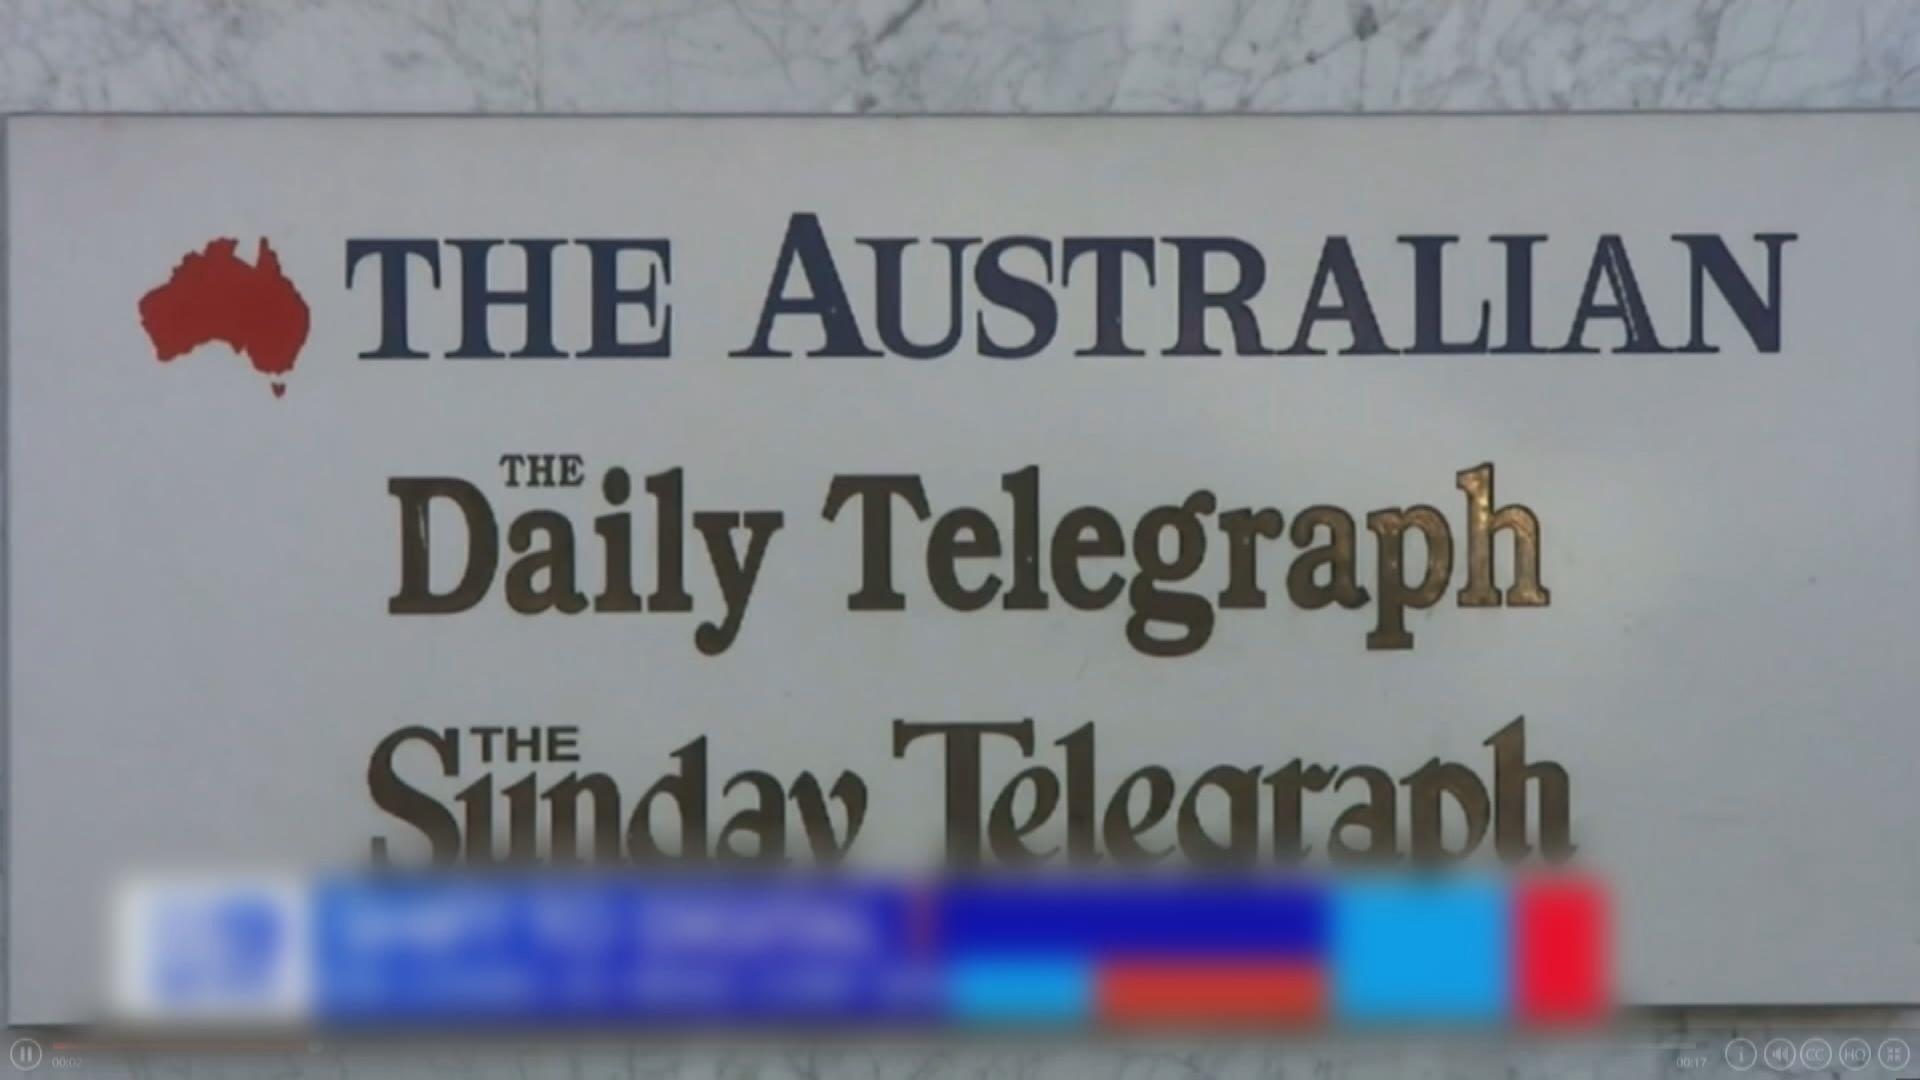 澳洲新聞集團將停印逾百份報章 料至少裁減三成員工